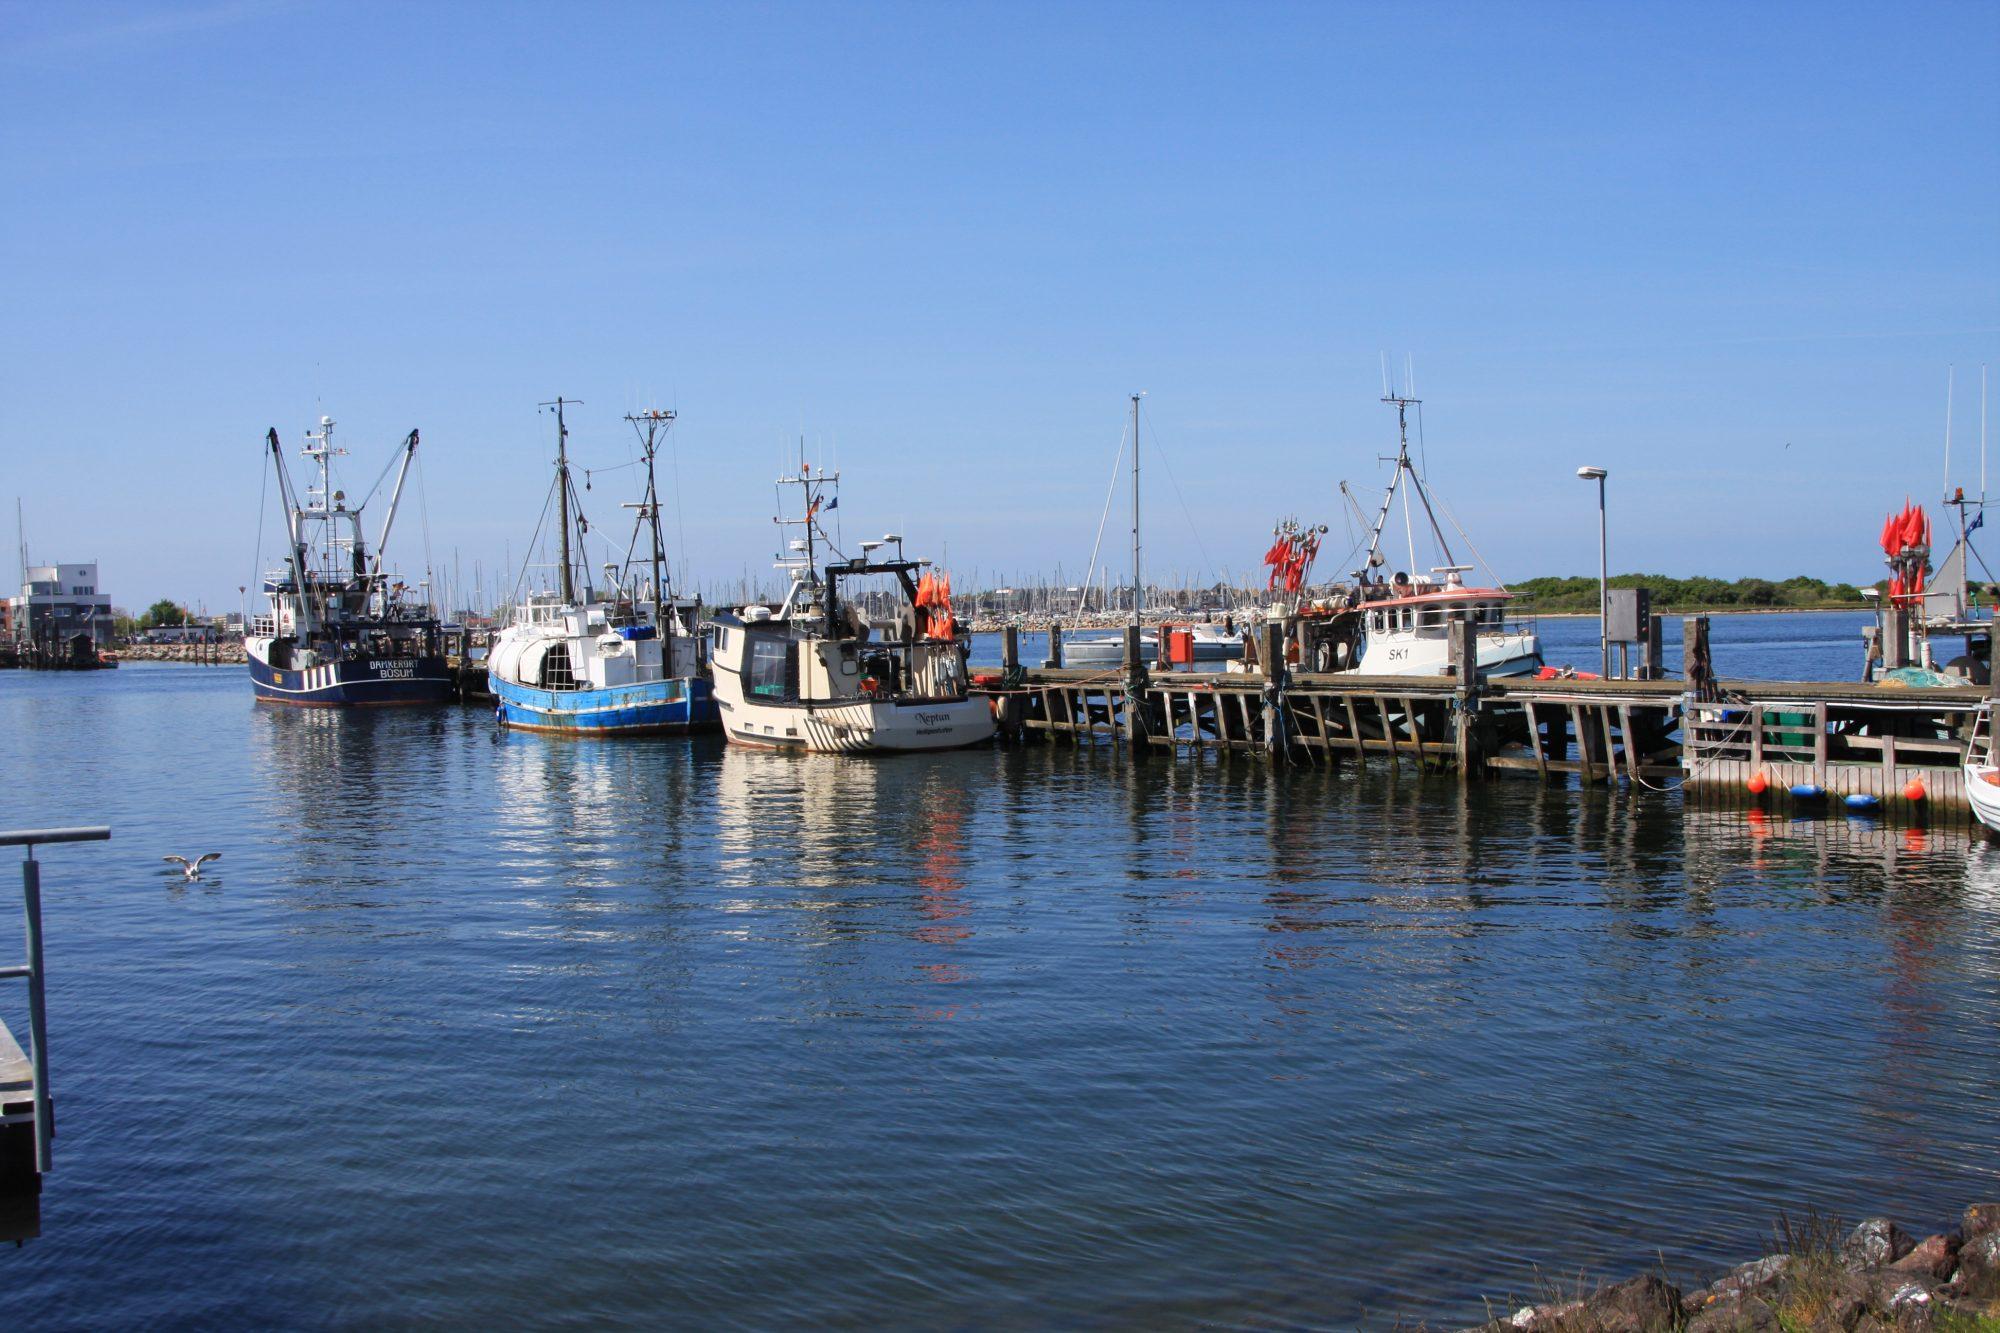 Liegeplätze mit Fischerbooten